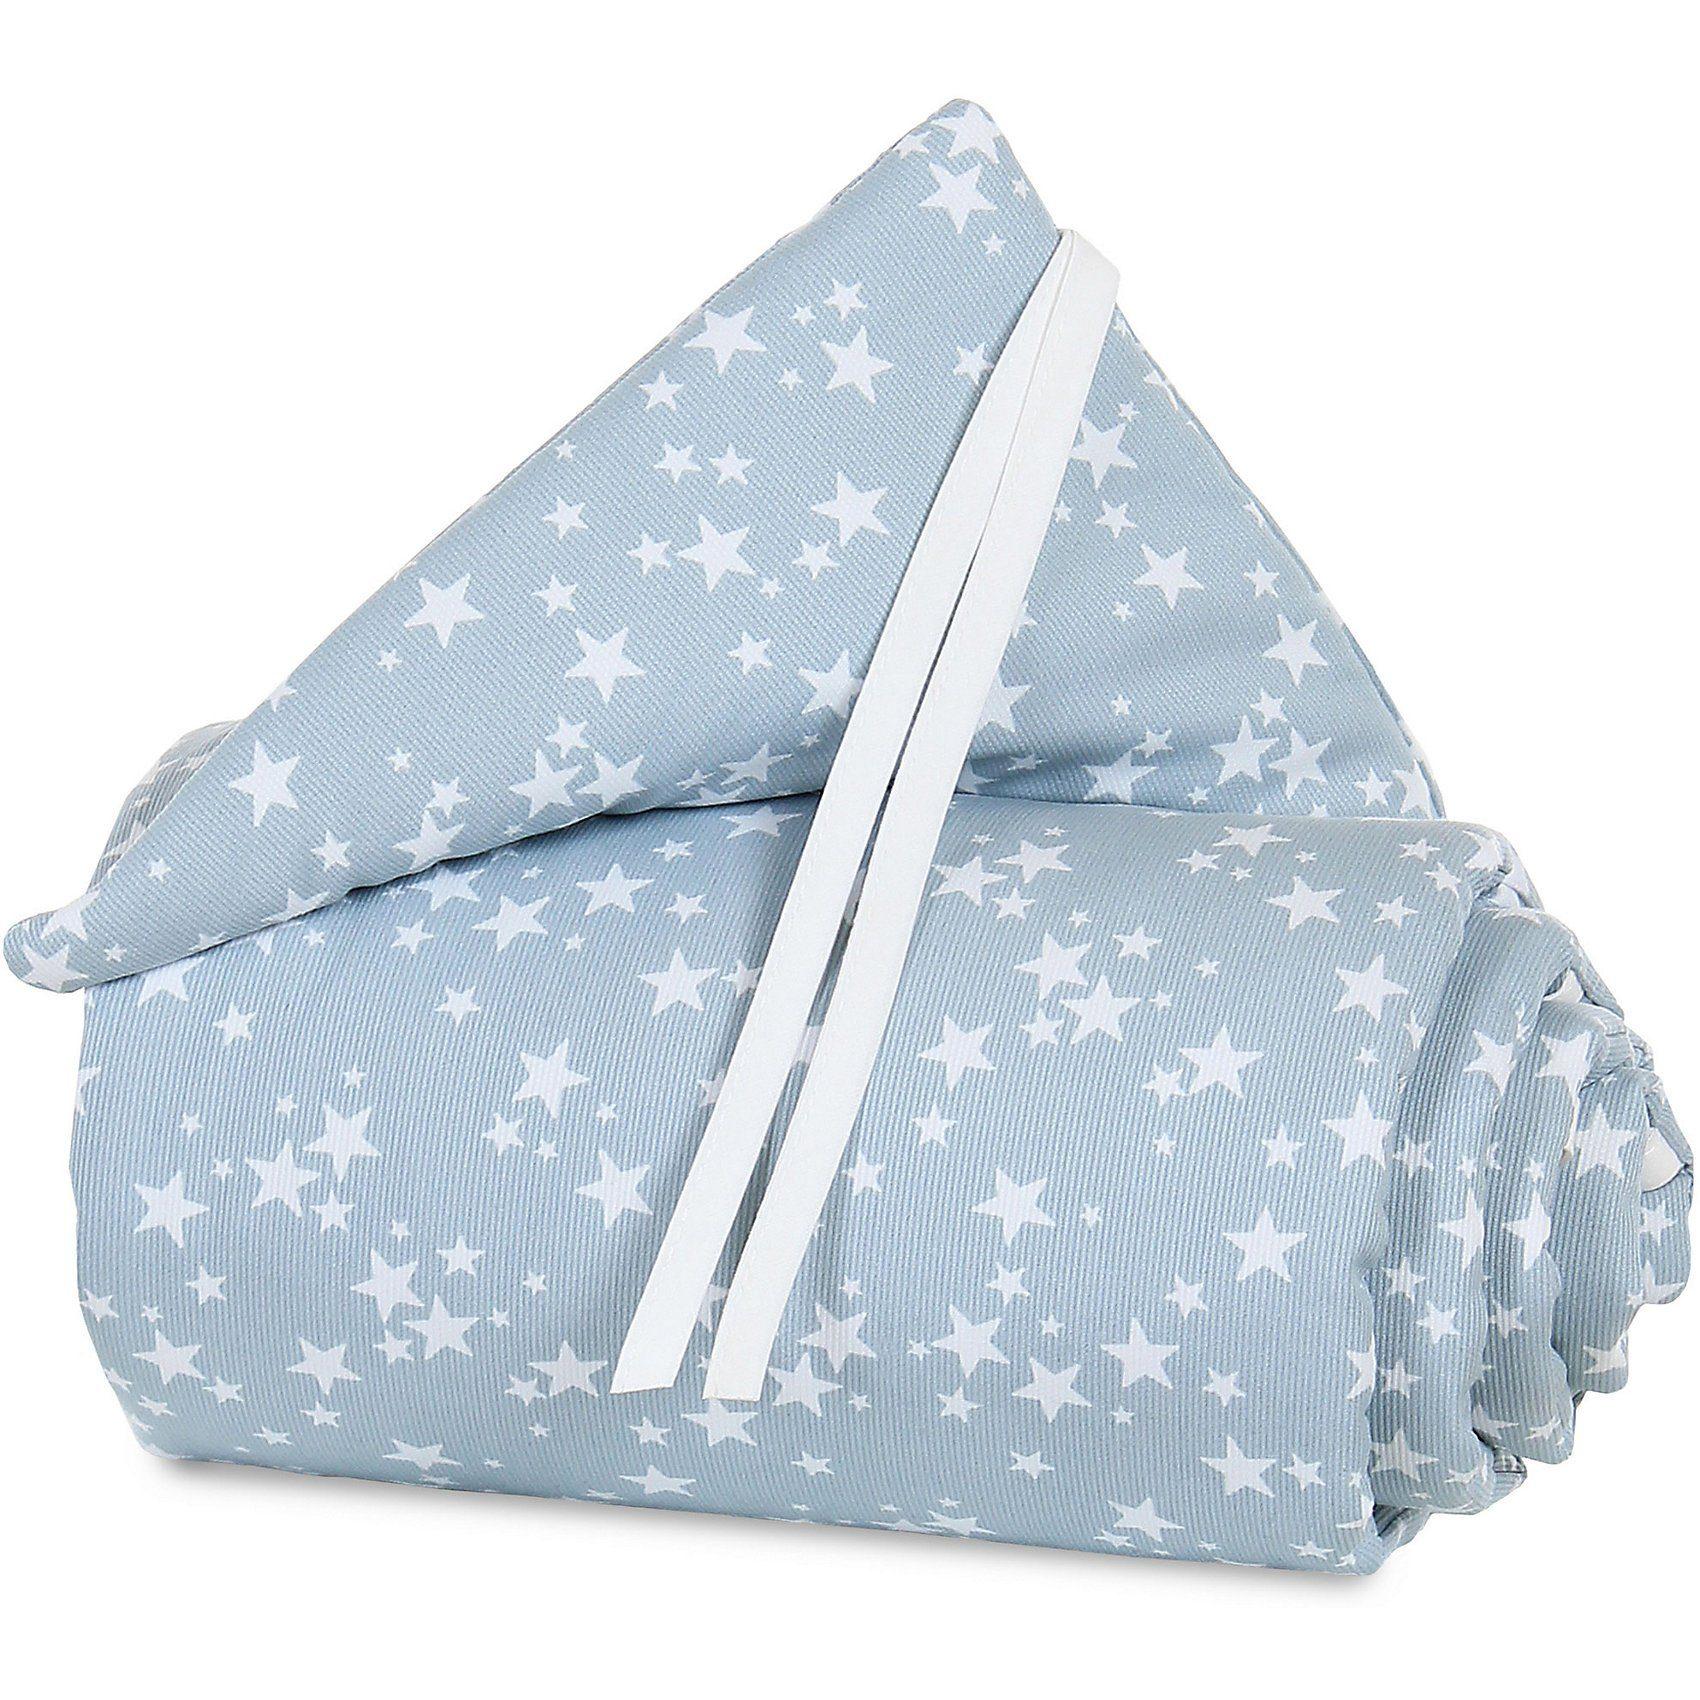 Tobi Nestchen pique für babybay original, azurblau Sterne weiß, 1